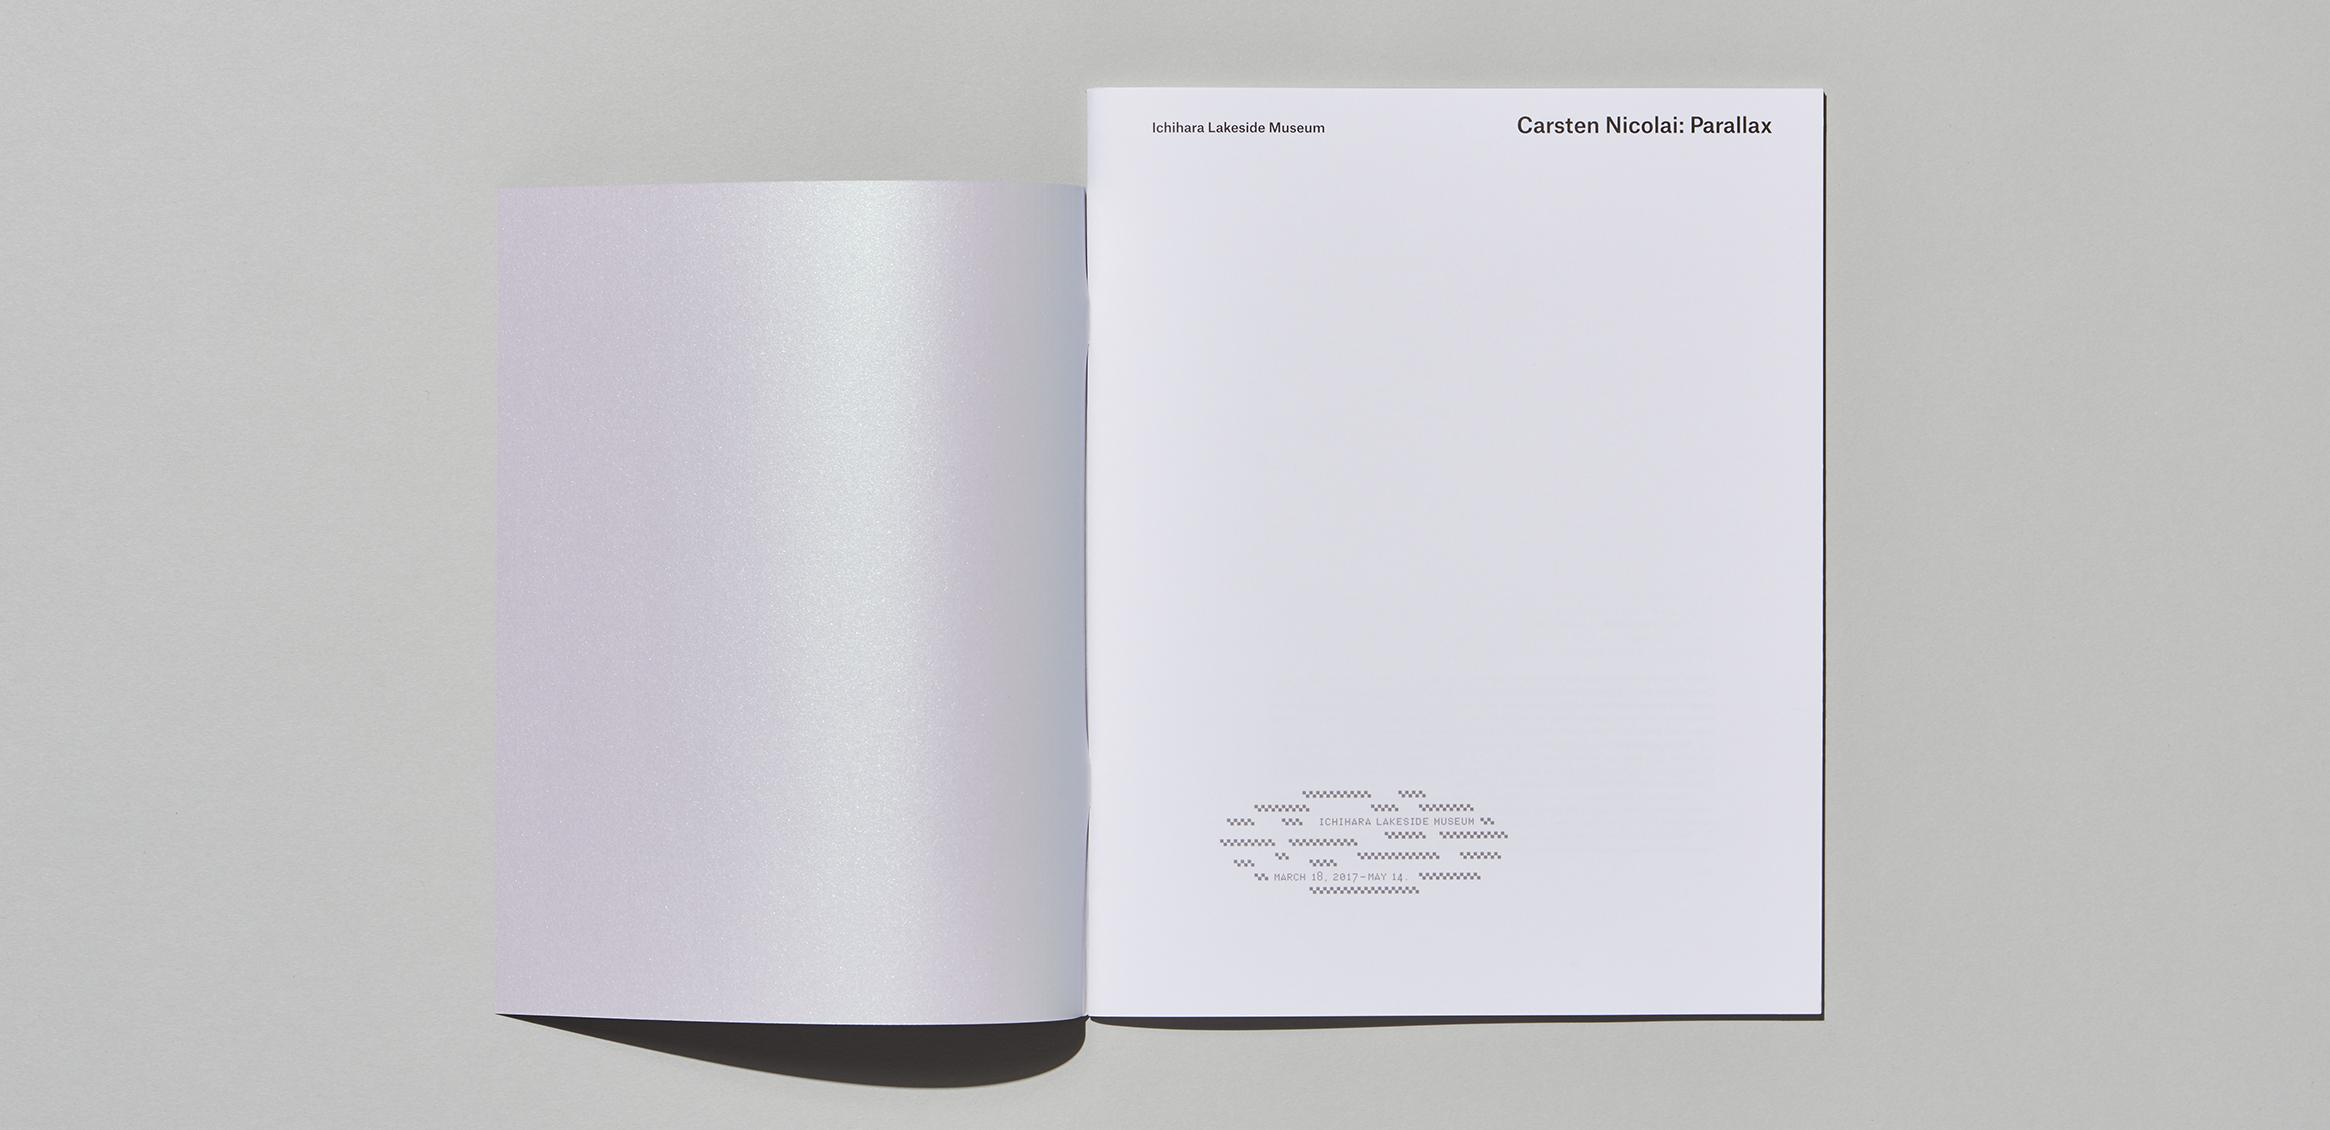 《Carsten Nicolai: Parallax》运用到展会产品目录1枚目